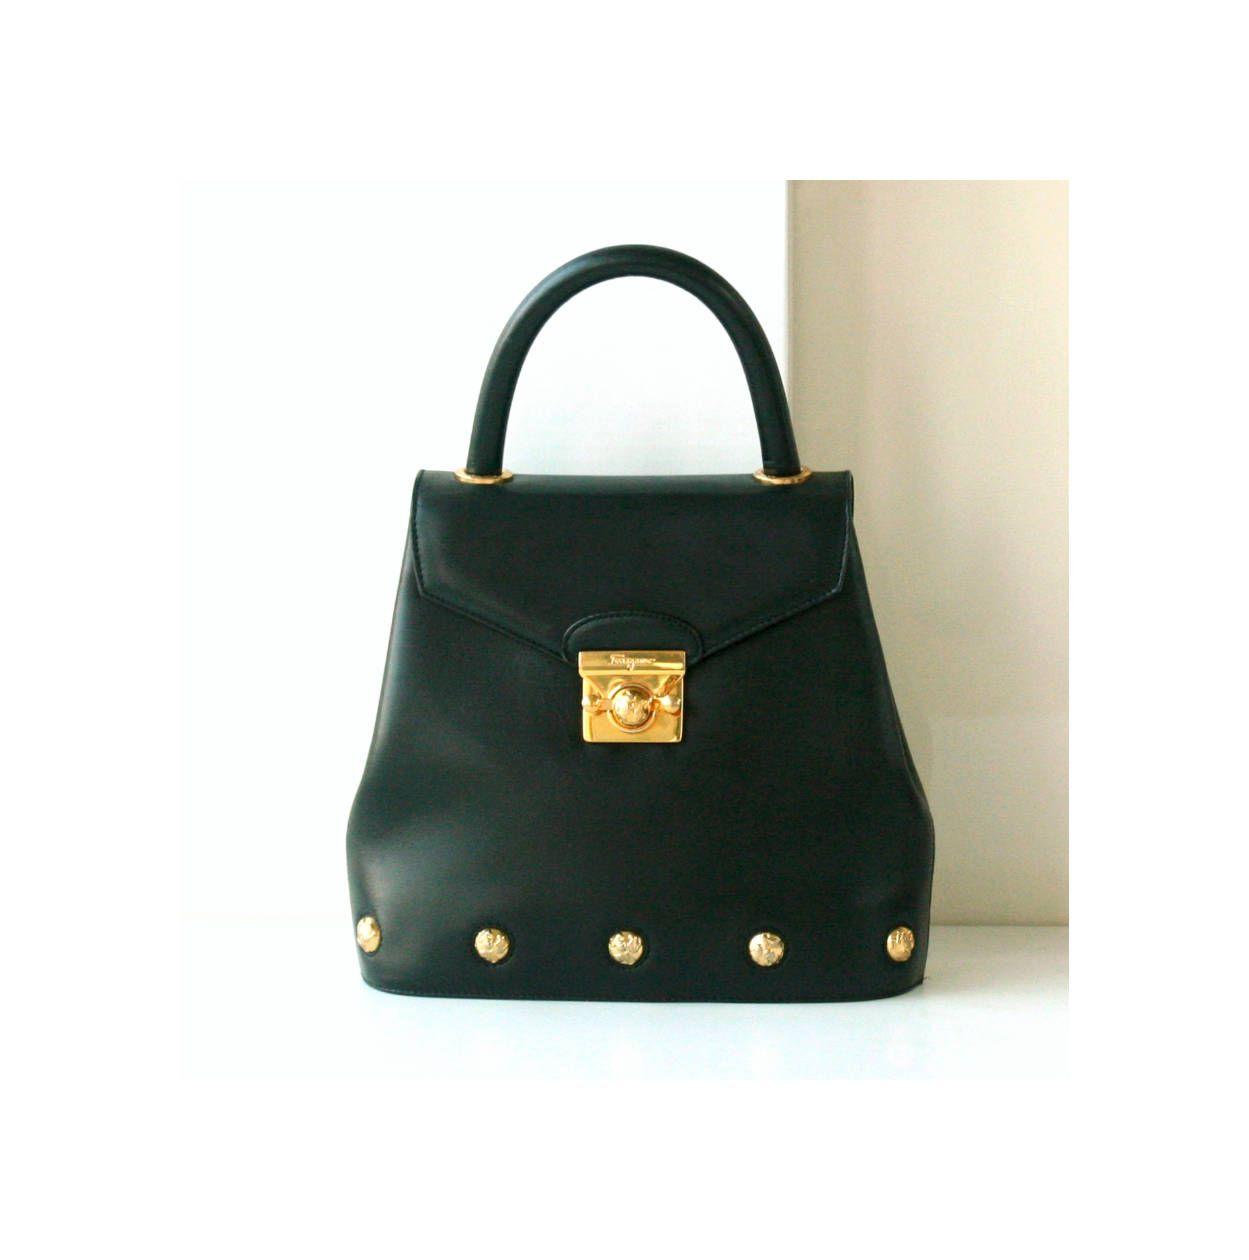 Salvatore Ferragamo Black Leather Tote Bag Gold Shoes Button Vintage  authentic purse by hfvin on Etsy  salvatoreferragamo  ferragamo  black   goldshoes  bag ... 3ac34906dbdc5